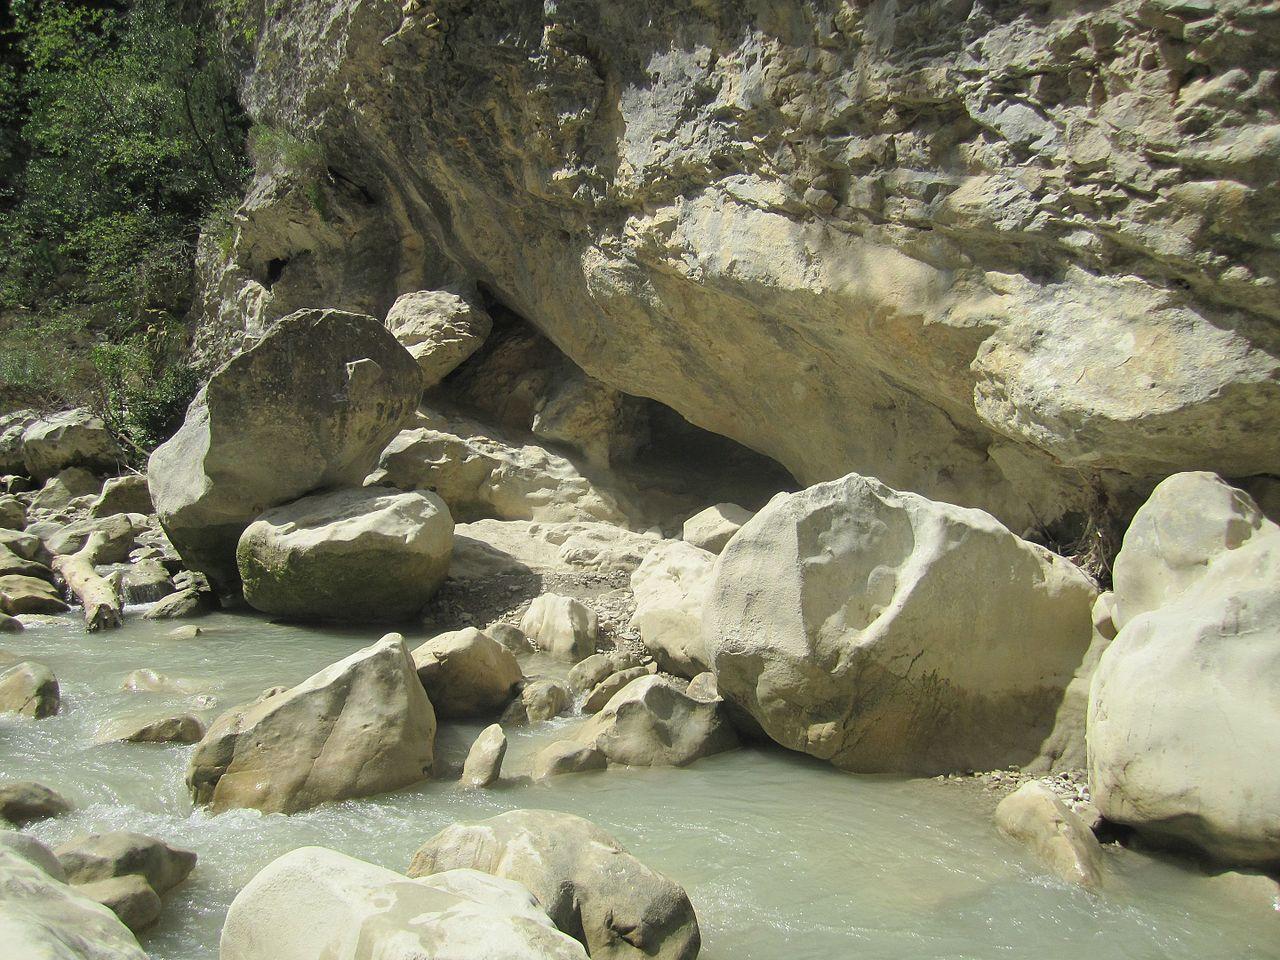 Lieux à découvrir autour de Montélimar : les gorges du Toulourenc